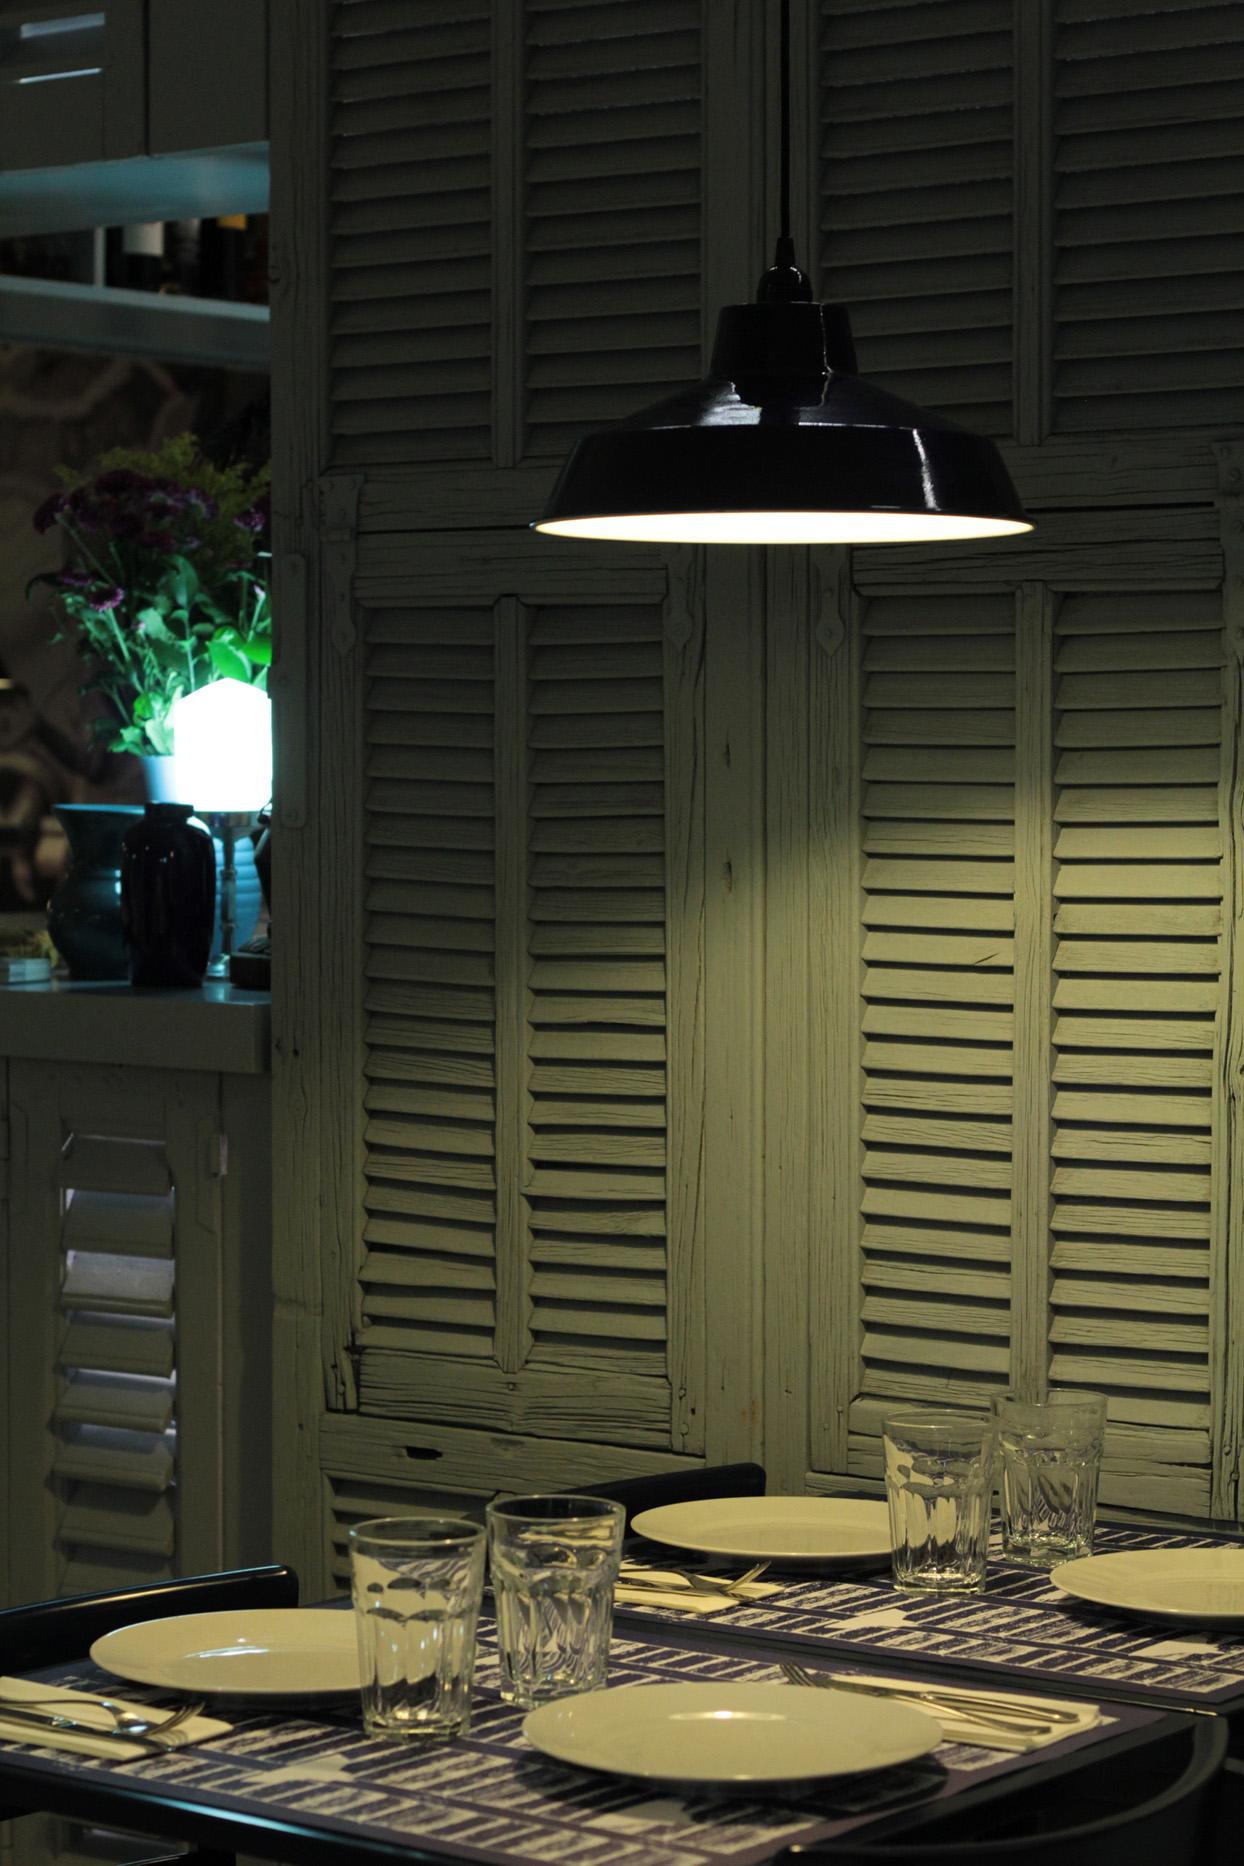 restaurante-gumbo-new-orleans-cajun-galeria-11